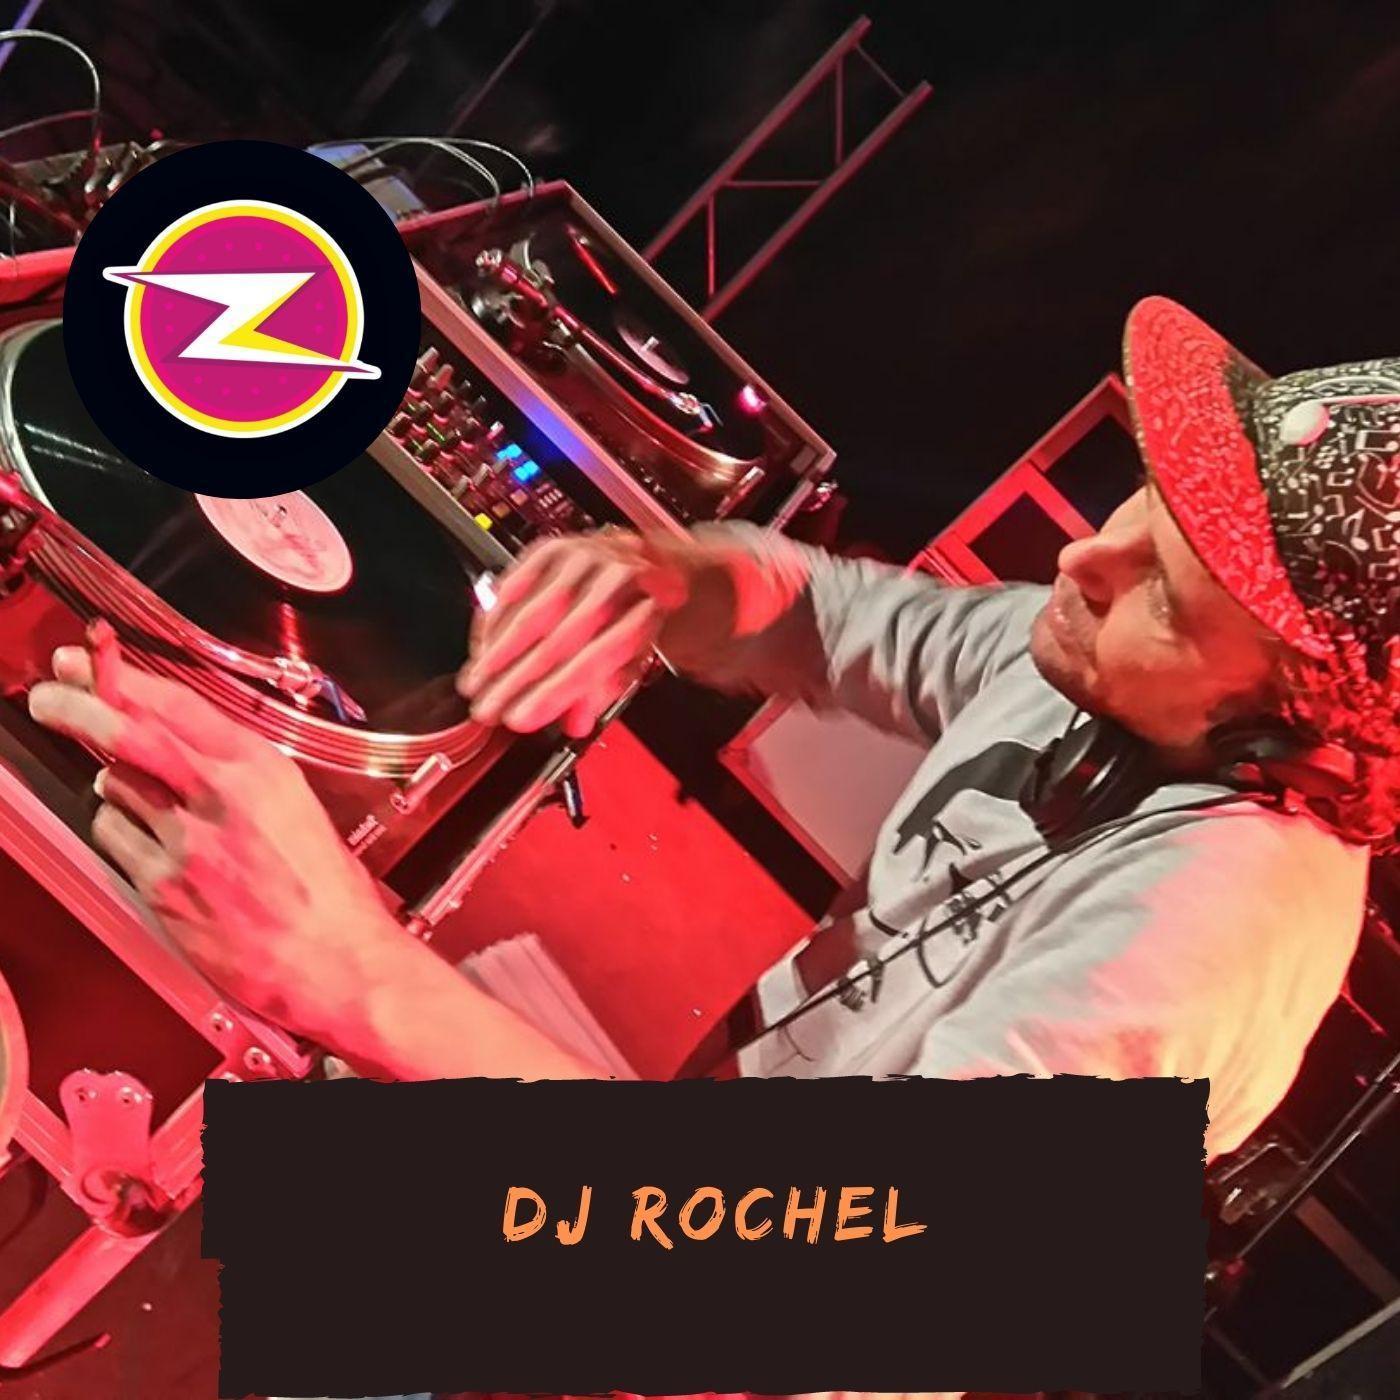 Dj Rochel